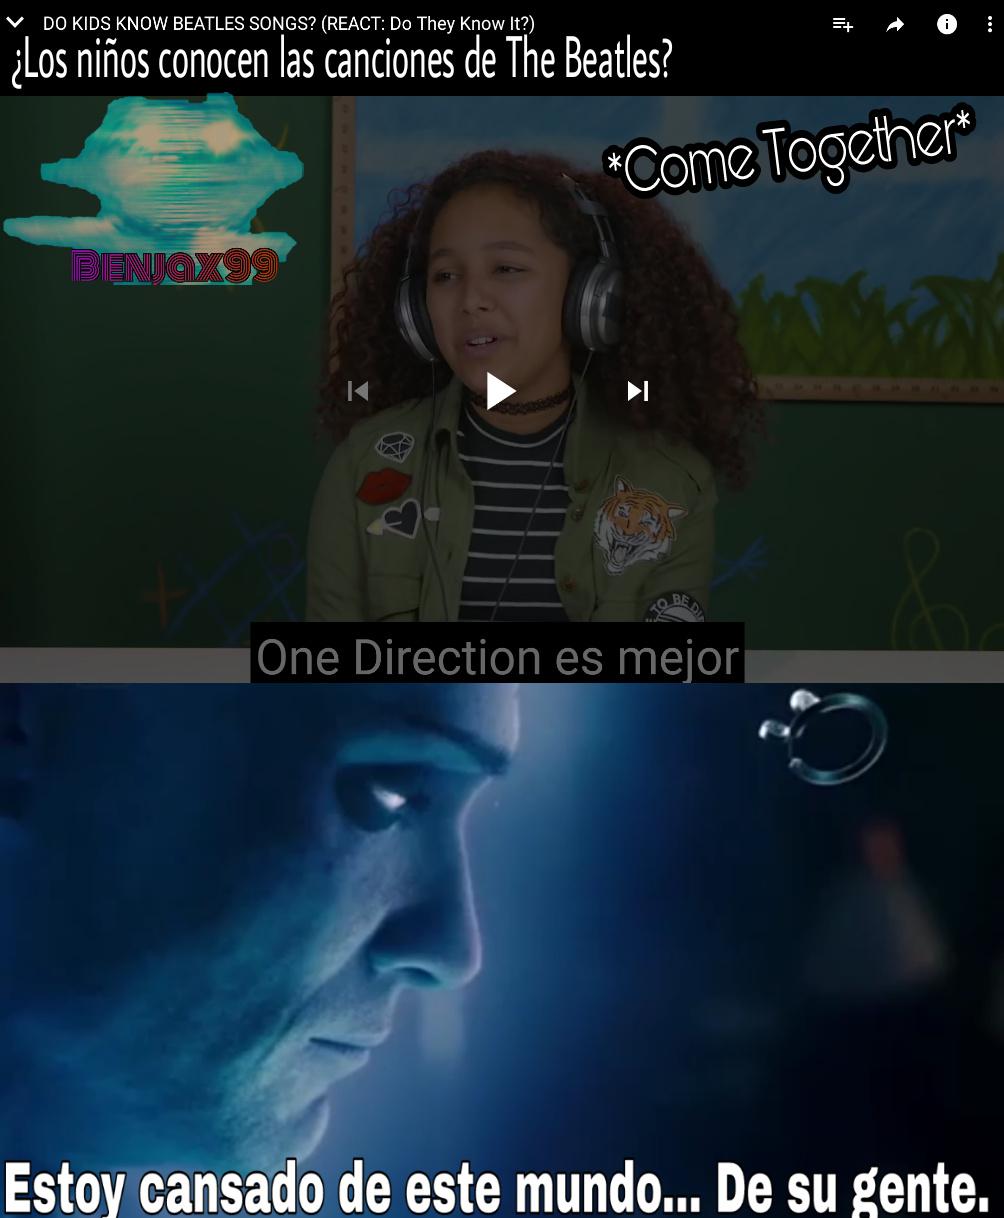 Se supone que son niños y que los gustos son subjetivos y bla bla bla... Pero ¿comparar a One Direction con The Beatles? - meme